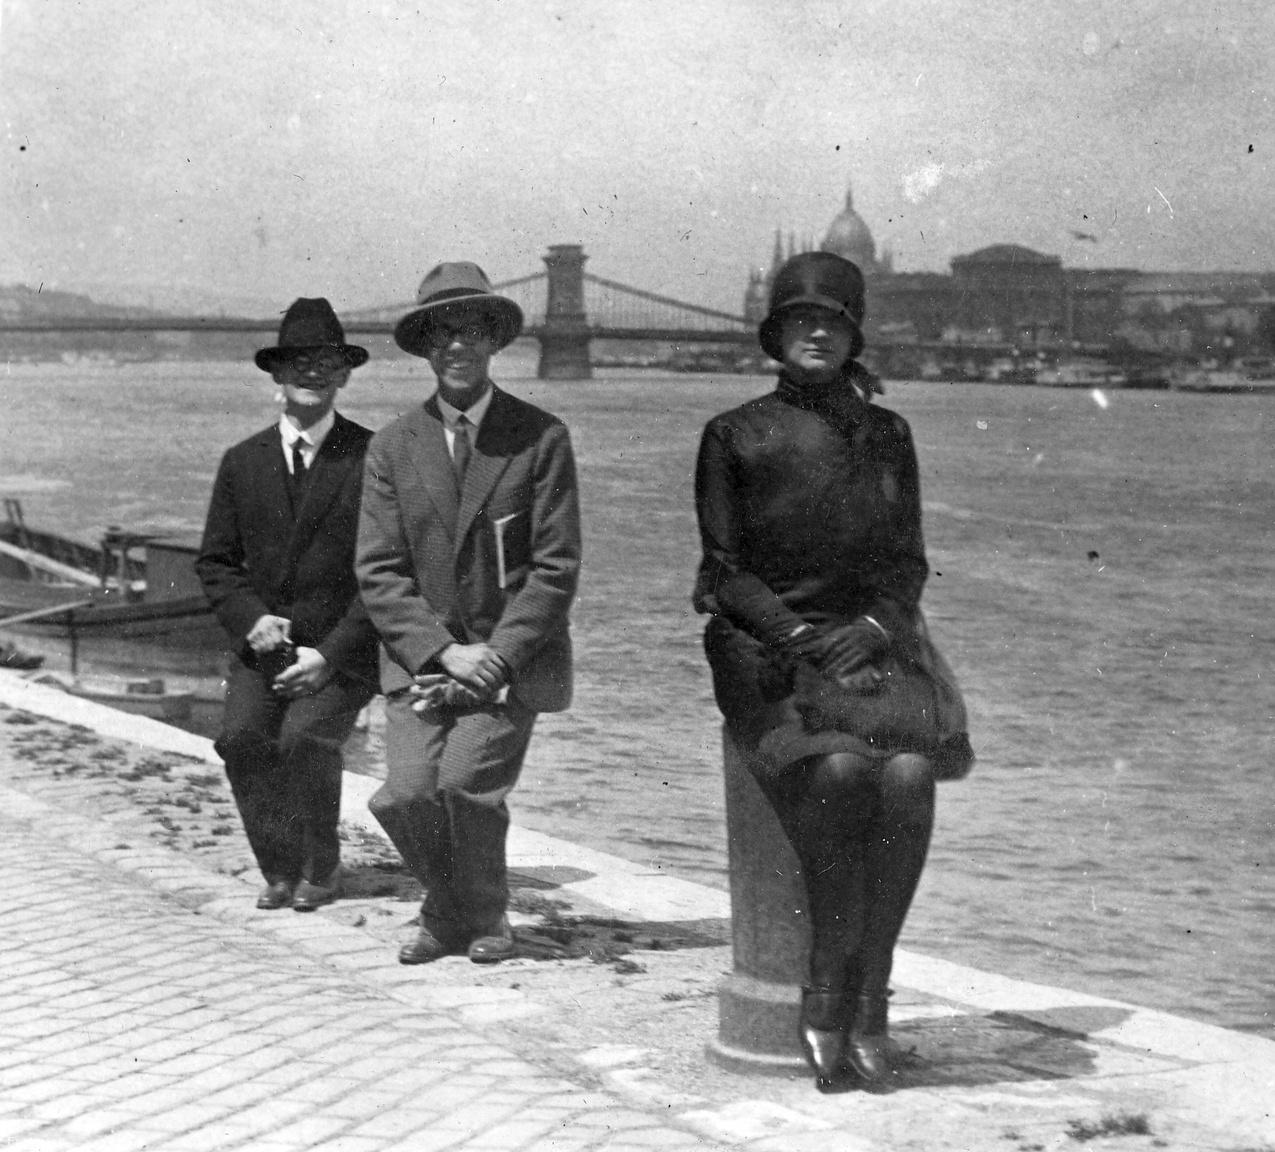 A budai alsó rakpart, háttérben a Lánchíddal, 1928                         A két szemüveges úr fütyül a sötét ruhába öltözött hölgy komolyságára, akit nem vesz le a lábáról holmi képeslapra kívánkozó Budapest-panoráma. A vízen most kis faladikok, de a rakpartnak ezen szakaszán gyakran angol, francia, olasz naszádok is vesztegeltek – ilyenkor az árboc és ágyú közt kifeszített kötélen olasz gatyákat és ingeket lengetett a szél.